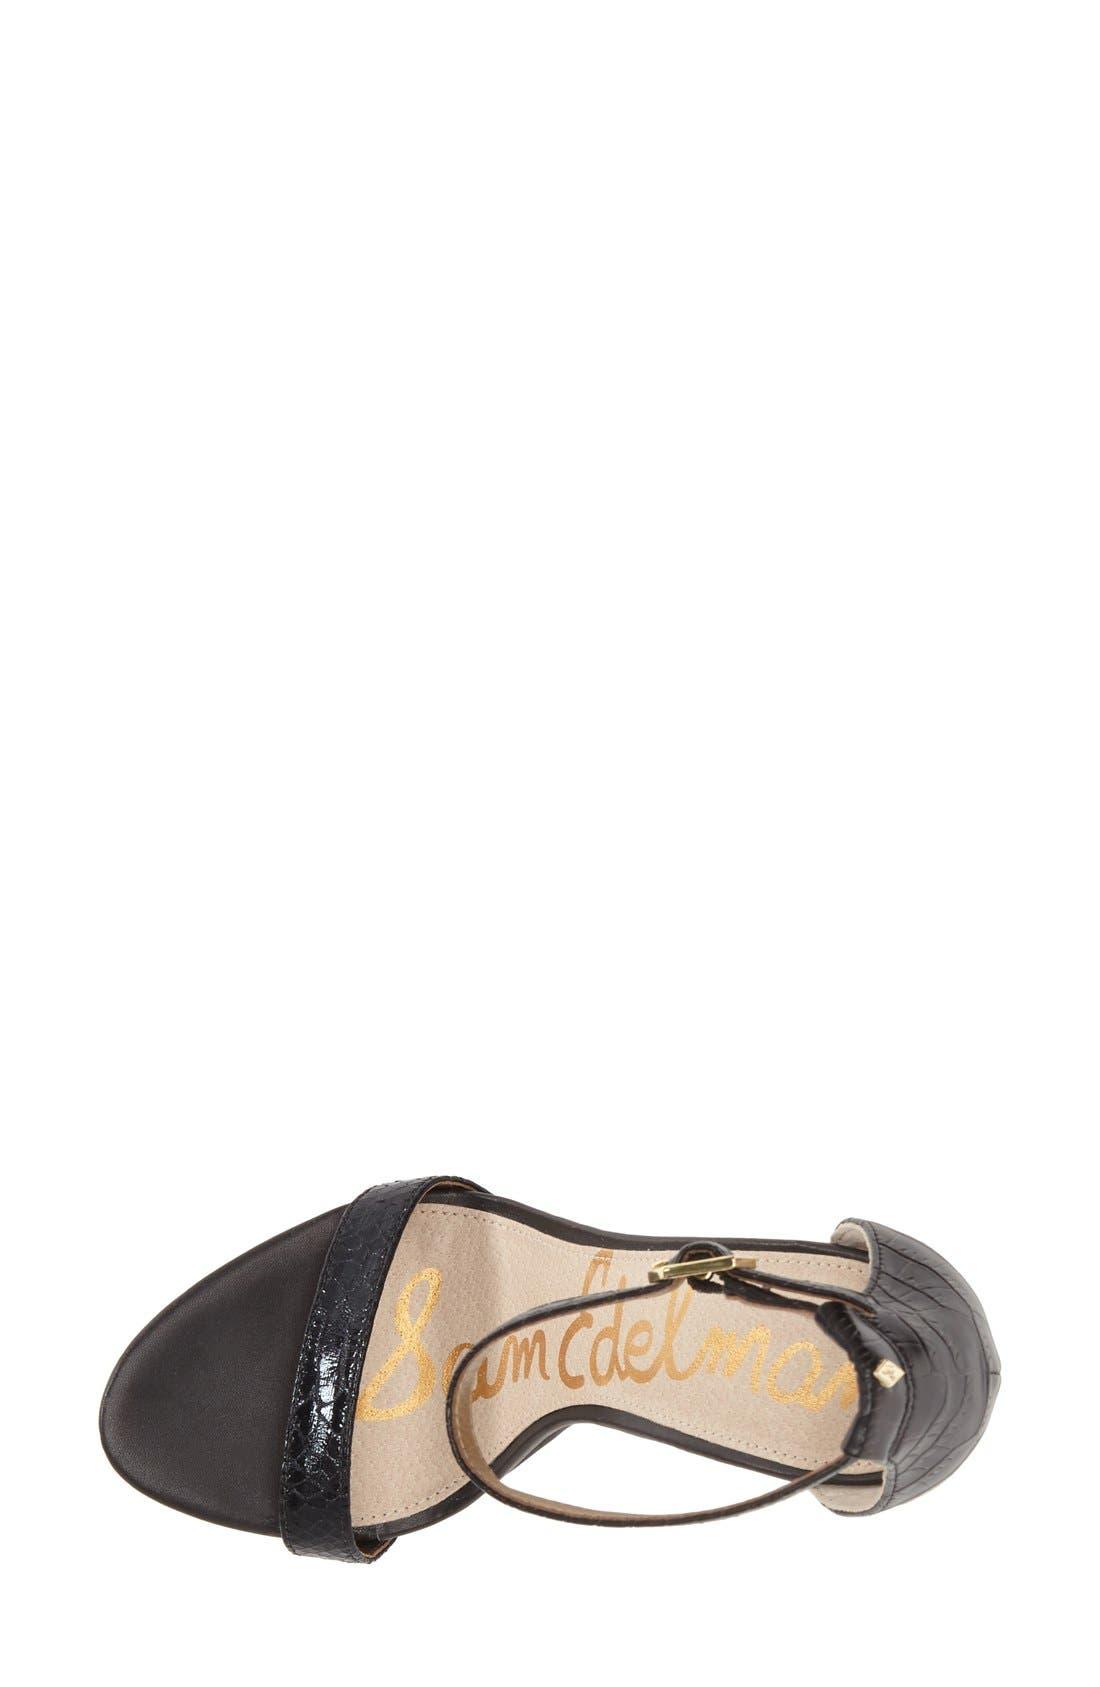 Alternate Image 3  - Sam Edelman 'Eleanor' Ankle Strap Sandal (Women)